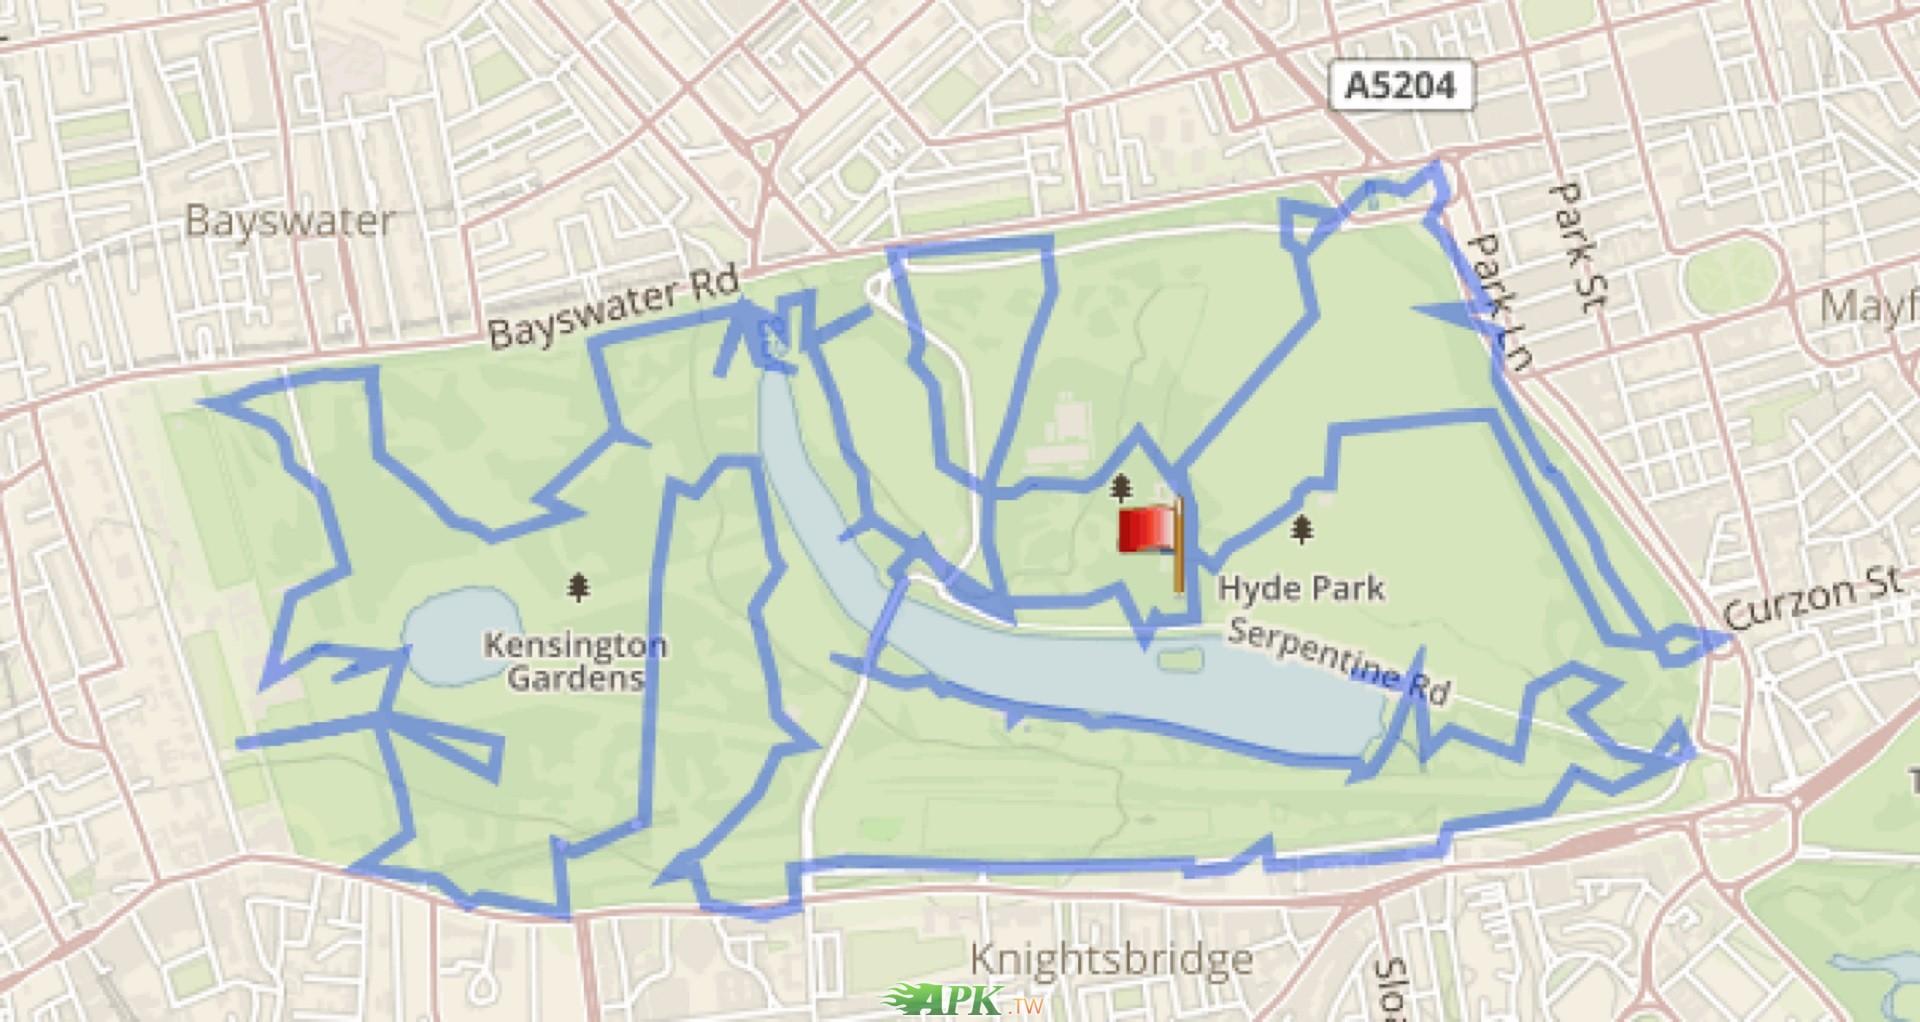 英國-海德公園+肯辛頓公園20190506.jpg